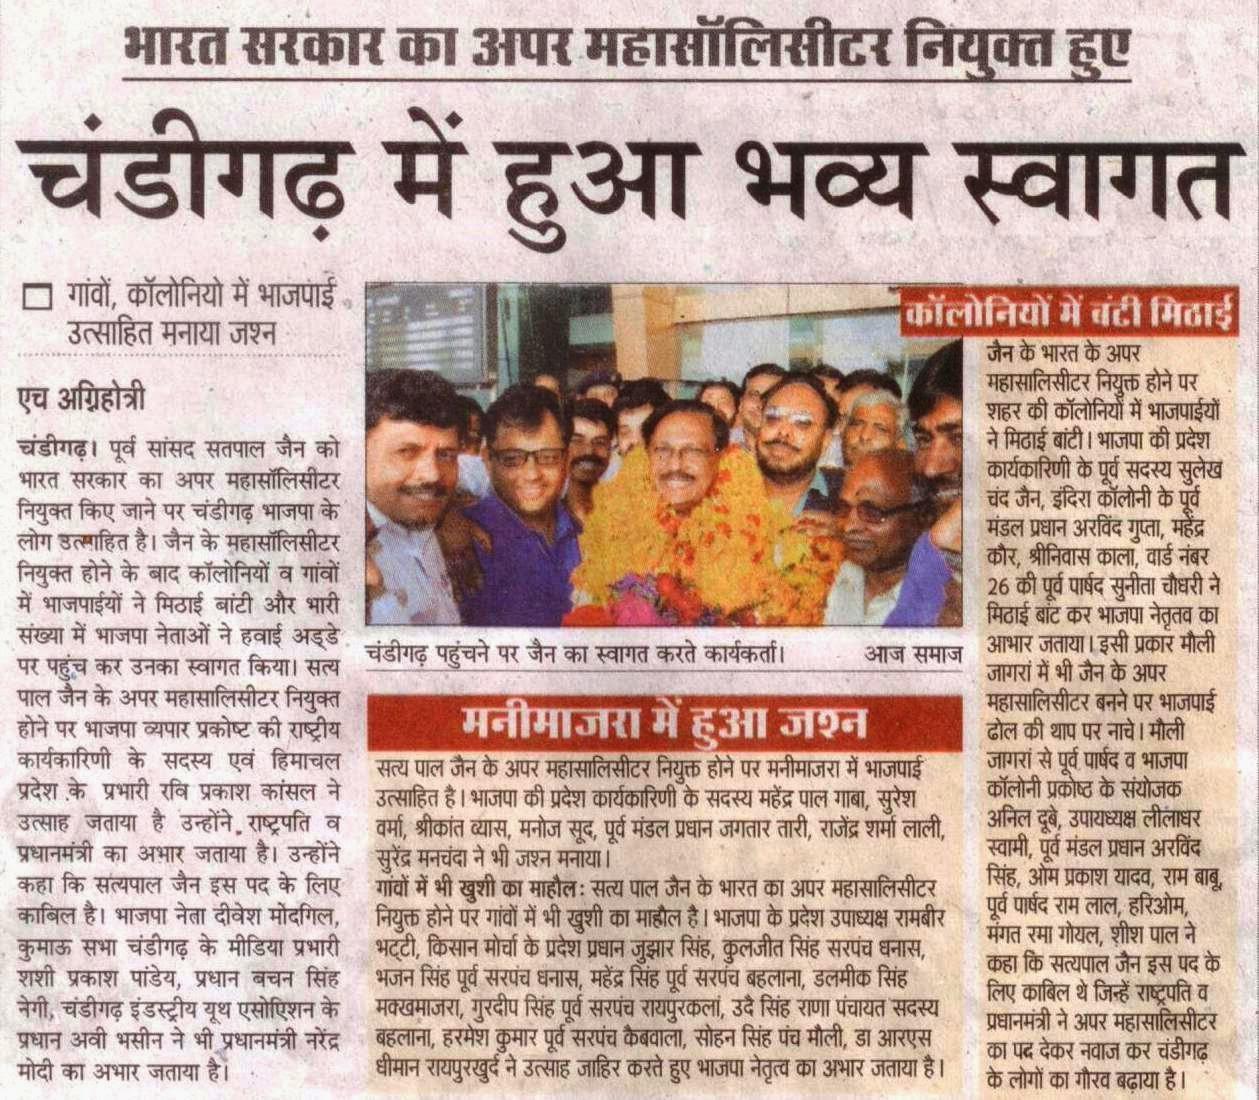 भारत सरकार का अपर महासालिसिटर नियुक्त हुए | चंडीगढ़ में हुआ भव्य स्वागत